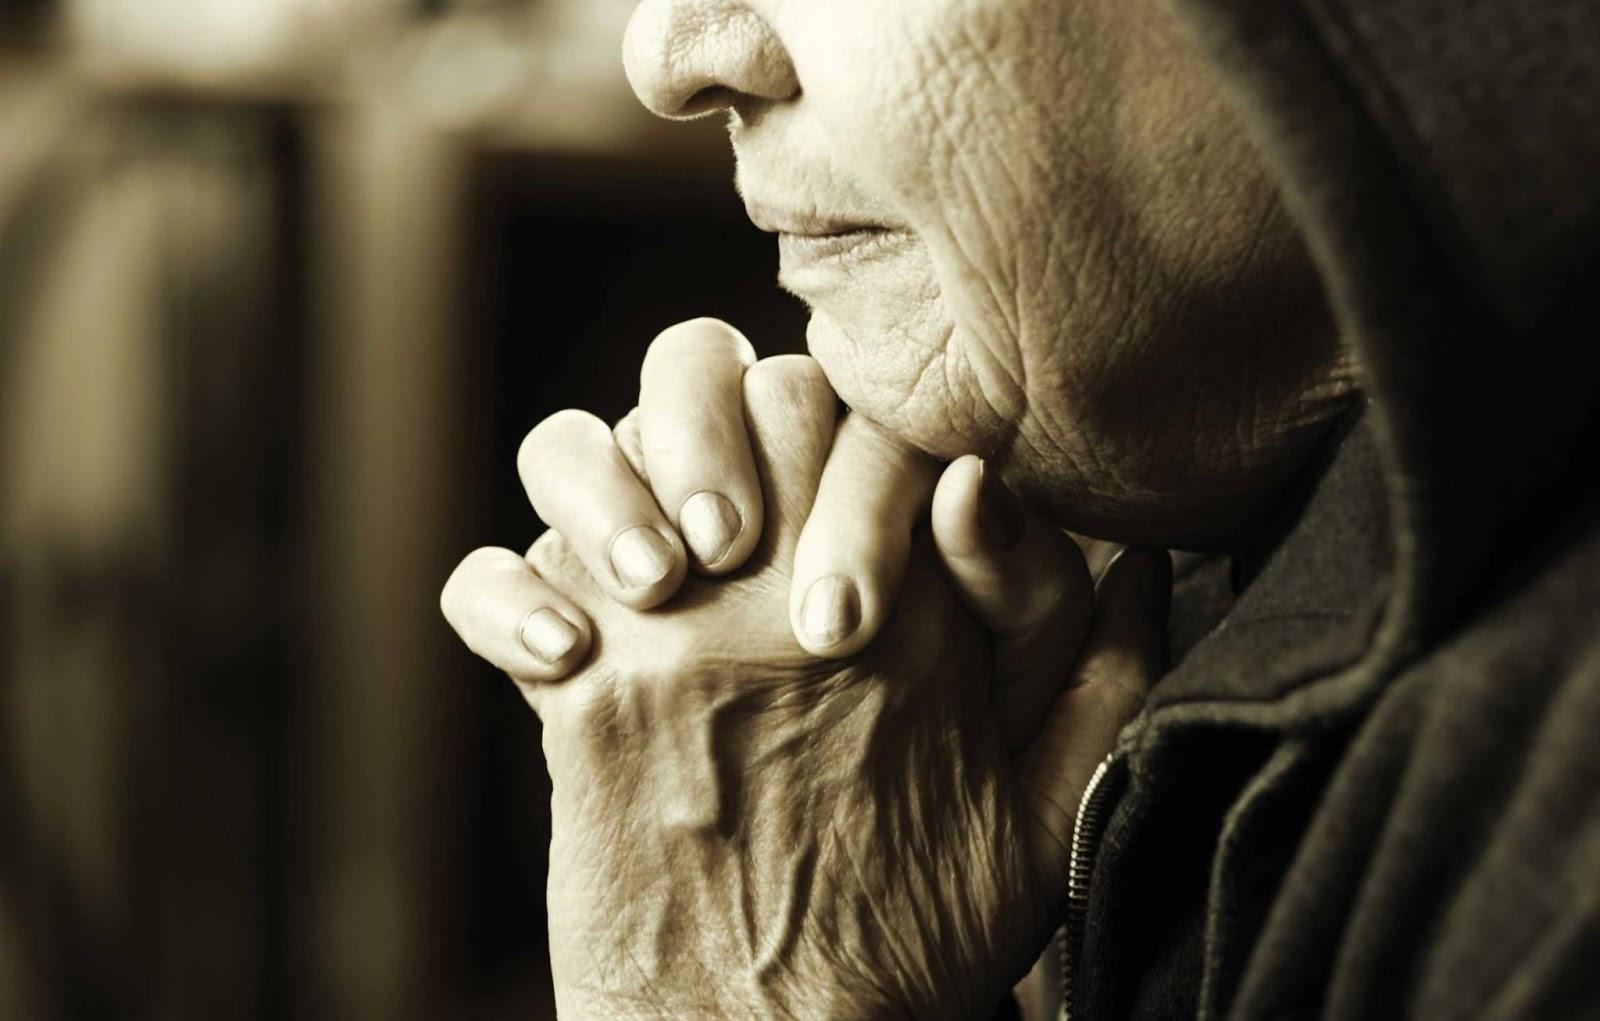 Ее муж не так давно скончался, и у нее нет другого выбора – 5 простых правил счастья от 92-летней женщины